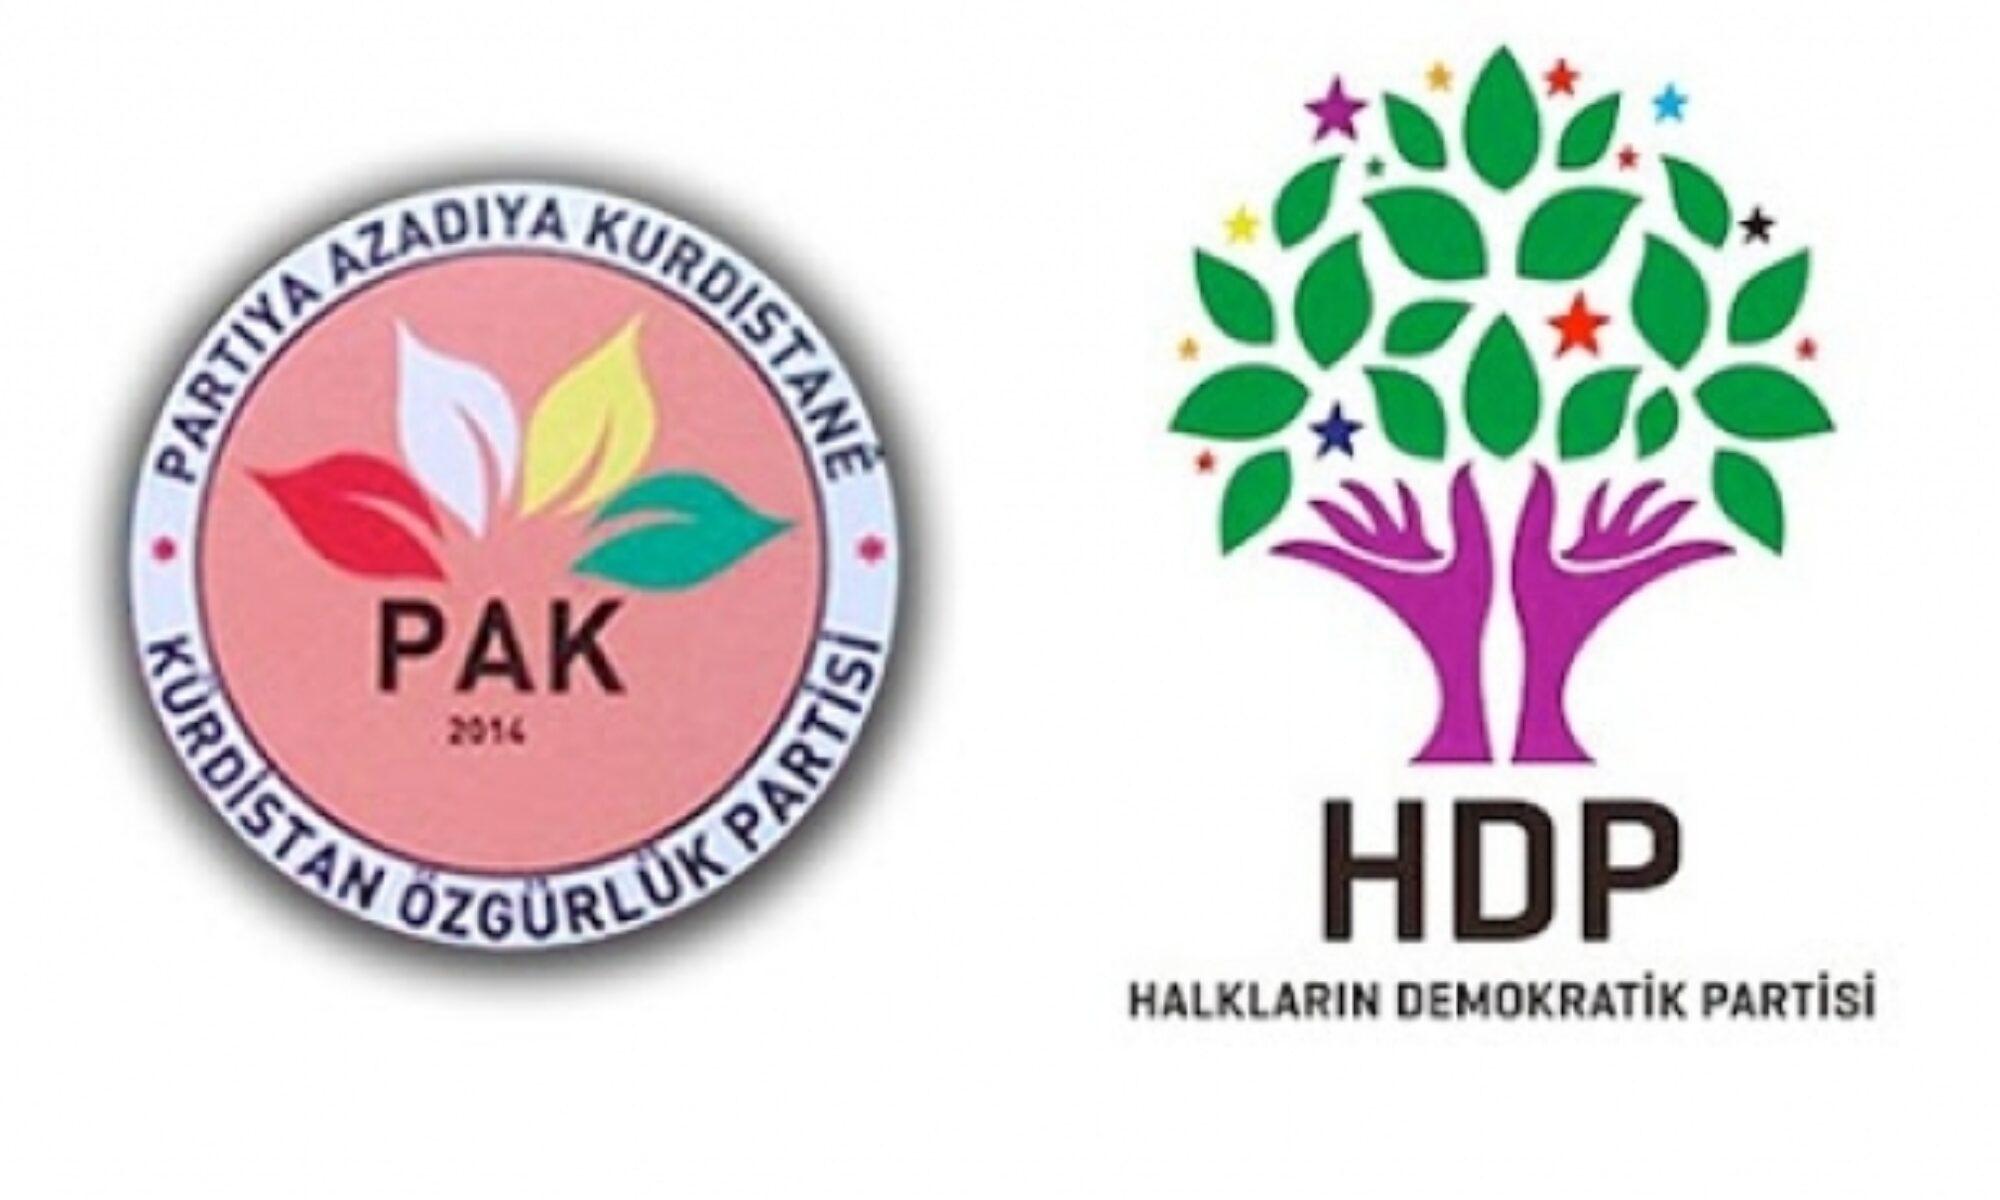 PAK'tan İzmir'deki saldırıya dönük açıklama: Bu saldırının arkasındaki karanlık güçleri açığa çıkarmalı